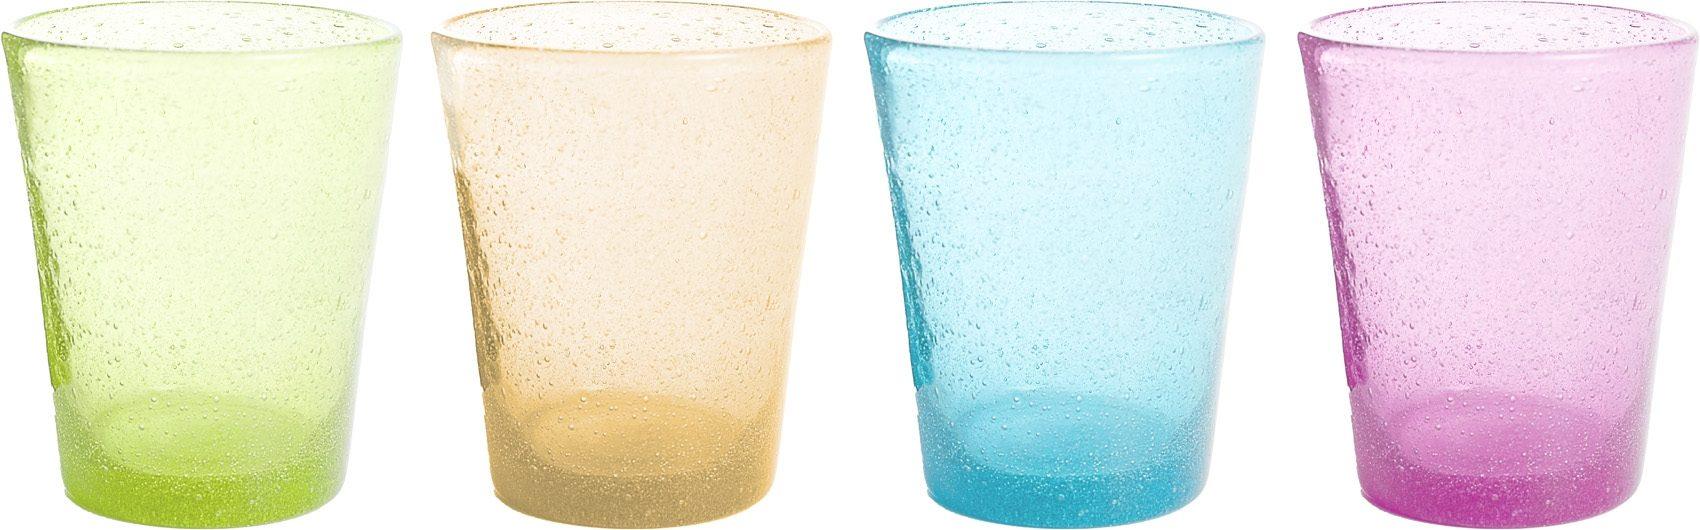 Bicchieri Oxigen (4pz) (colori assortiti)